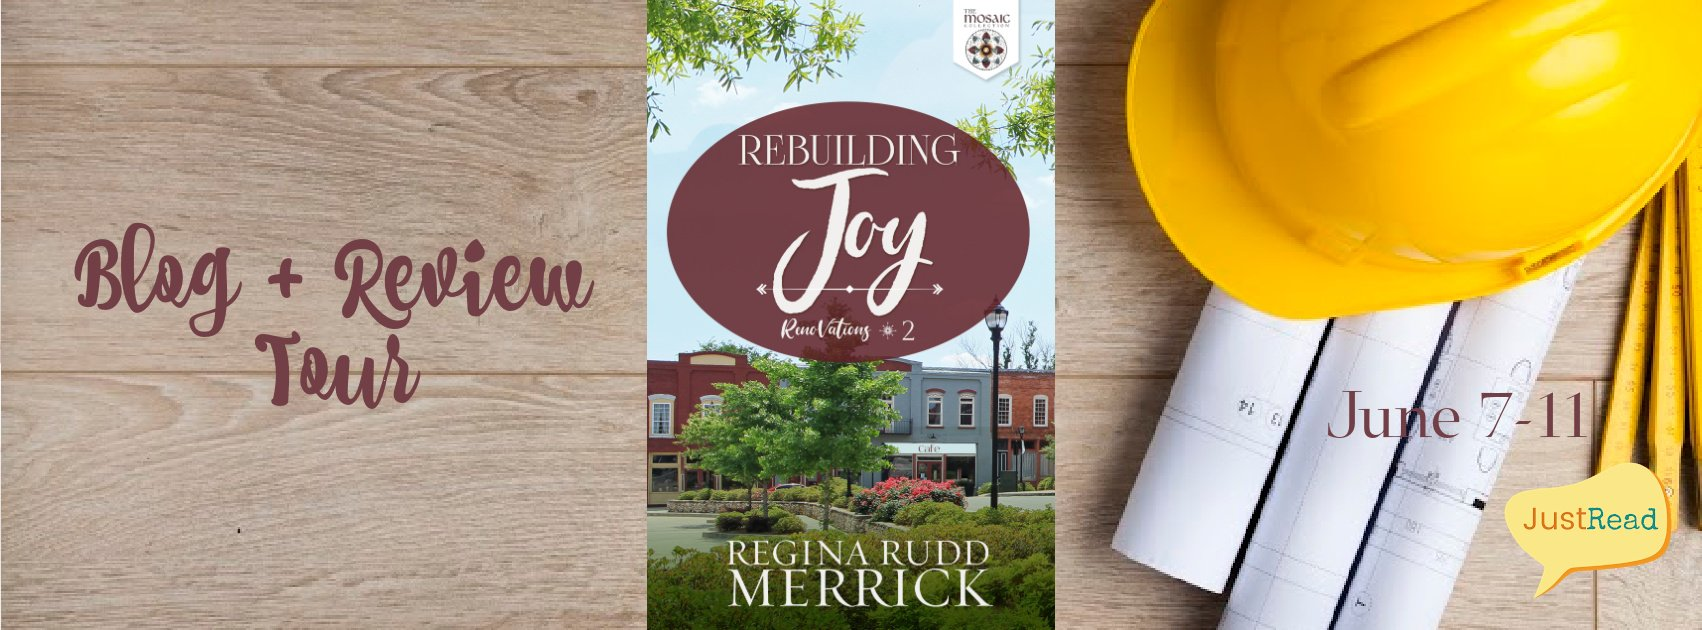 Rebuilding Joy JustRead Blog + Review Tour